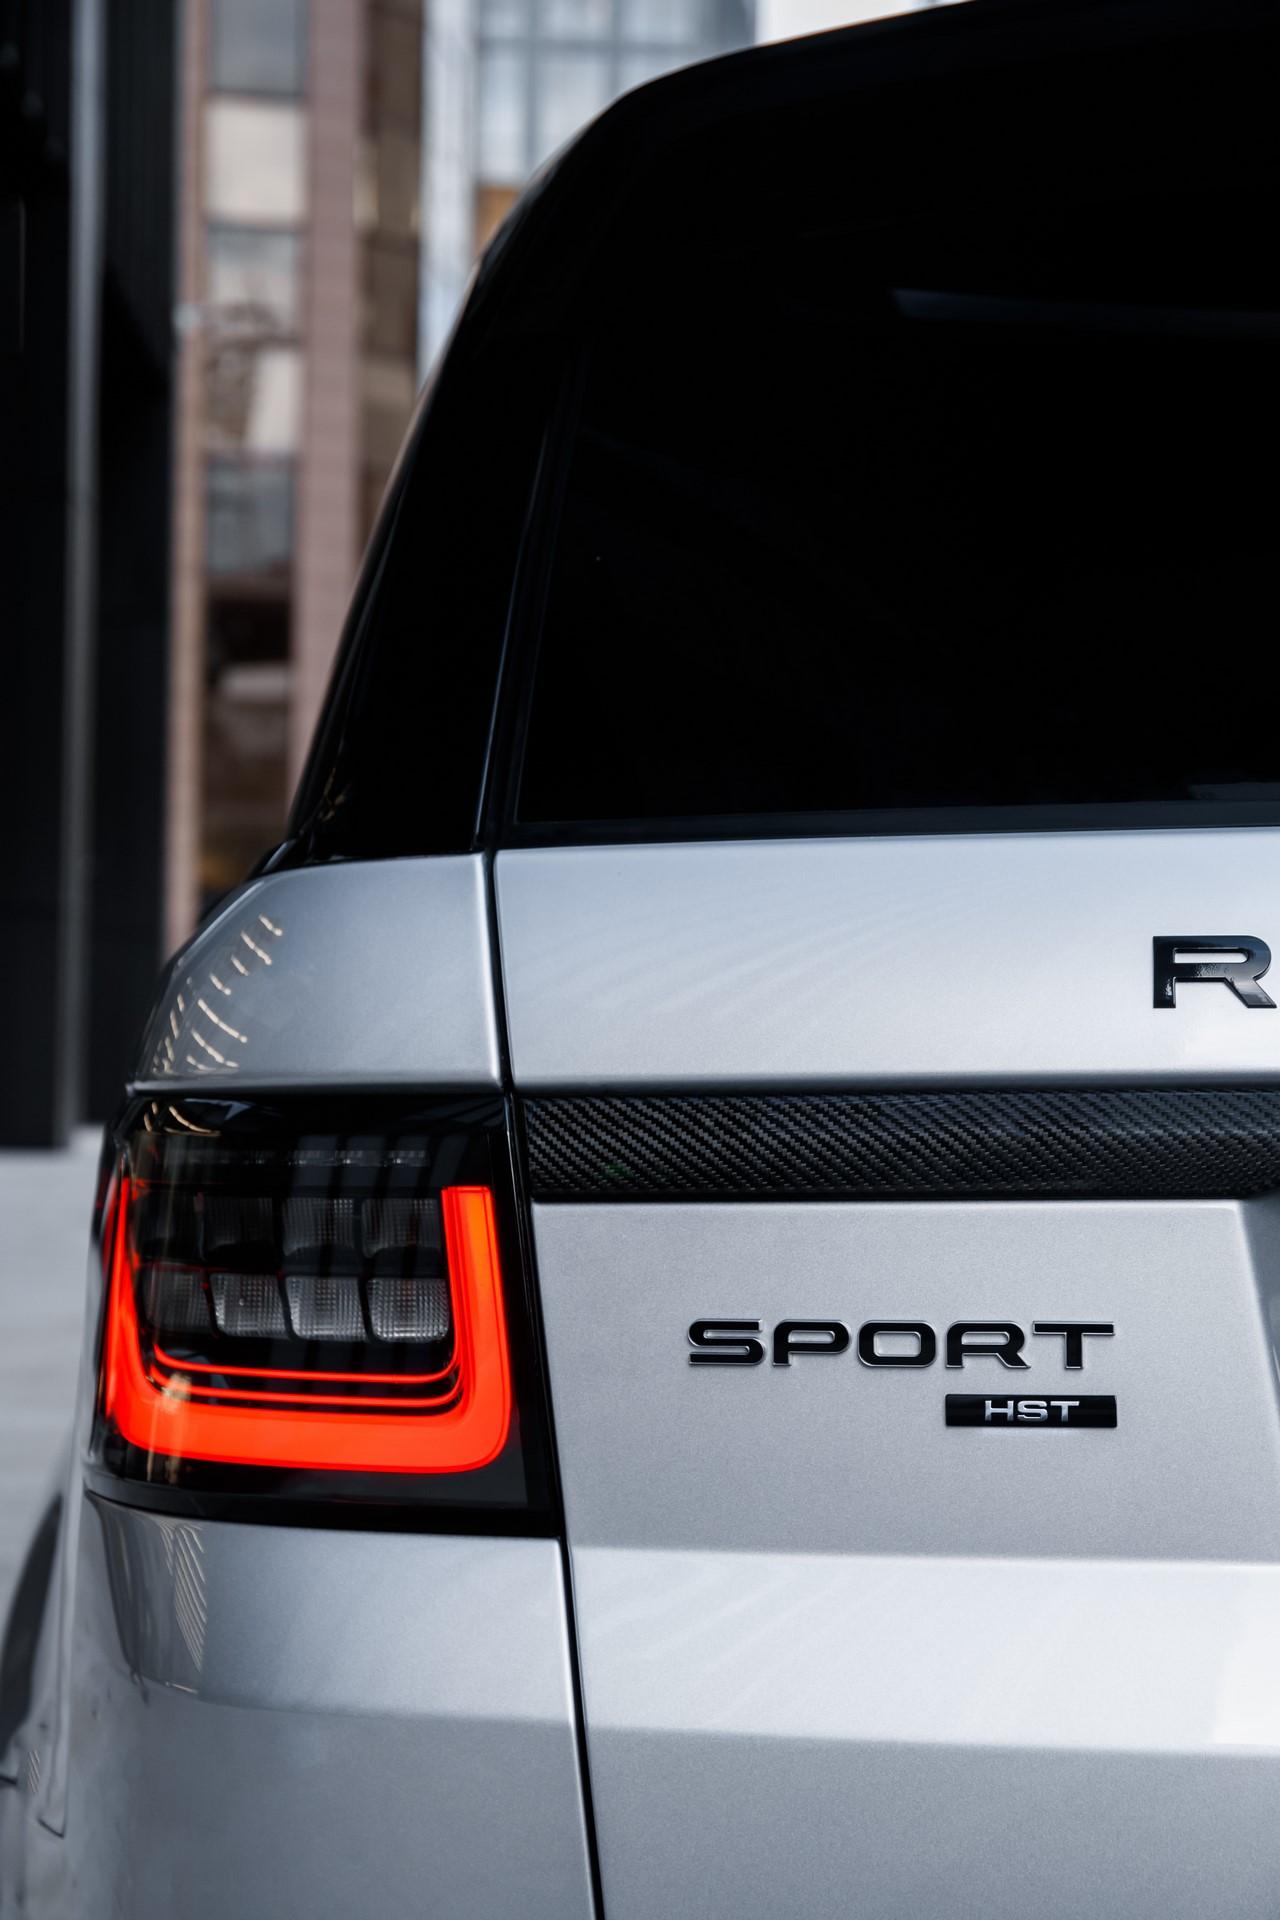 Range Rover Sport HST (52)